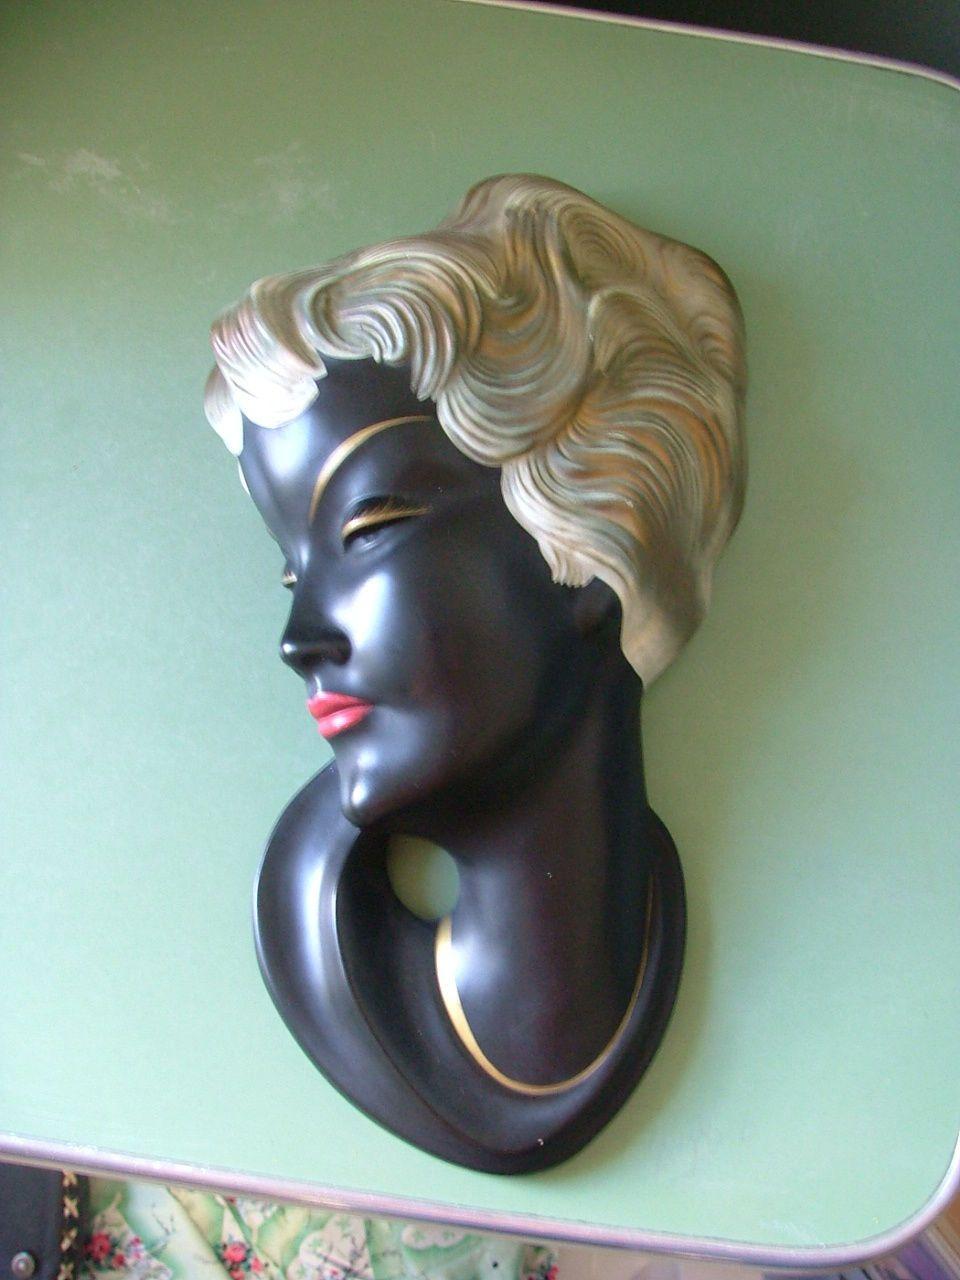 http://www.ebay.de/itm/Wandmaske-Goebel-1957-Schaubach-Hummelwerke-Mai-622-MINT-/231528221330?pt=LH_DefaultDomain_77